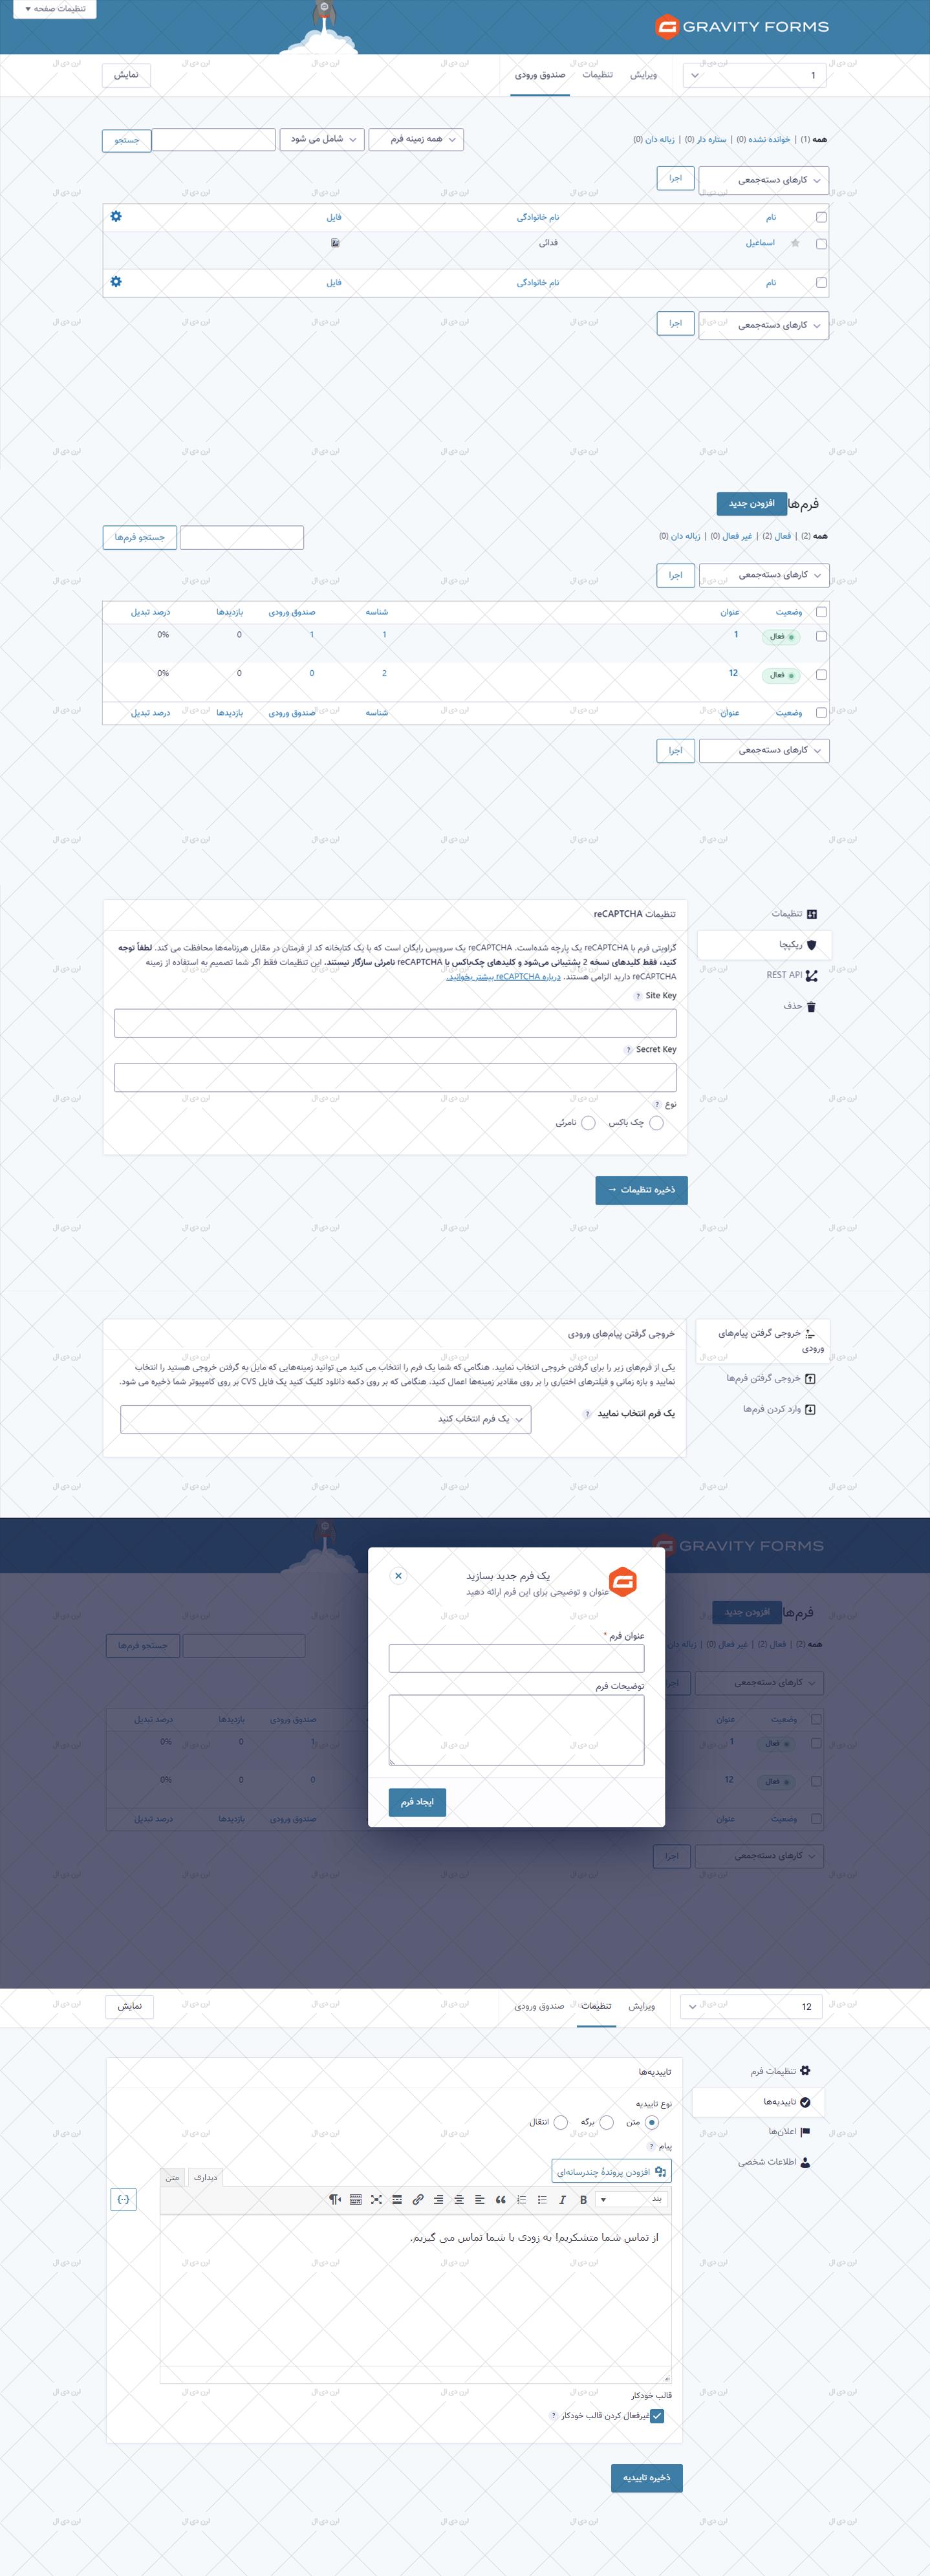 افزونه فرم ساز Gravity Forms نسخه فارسی سازی شده